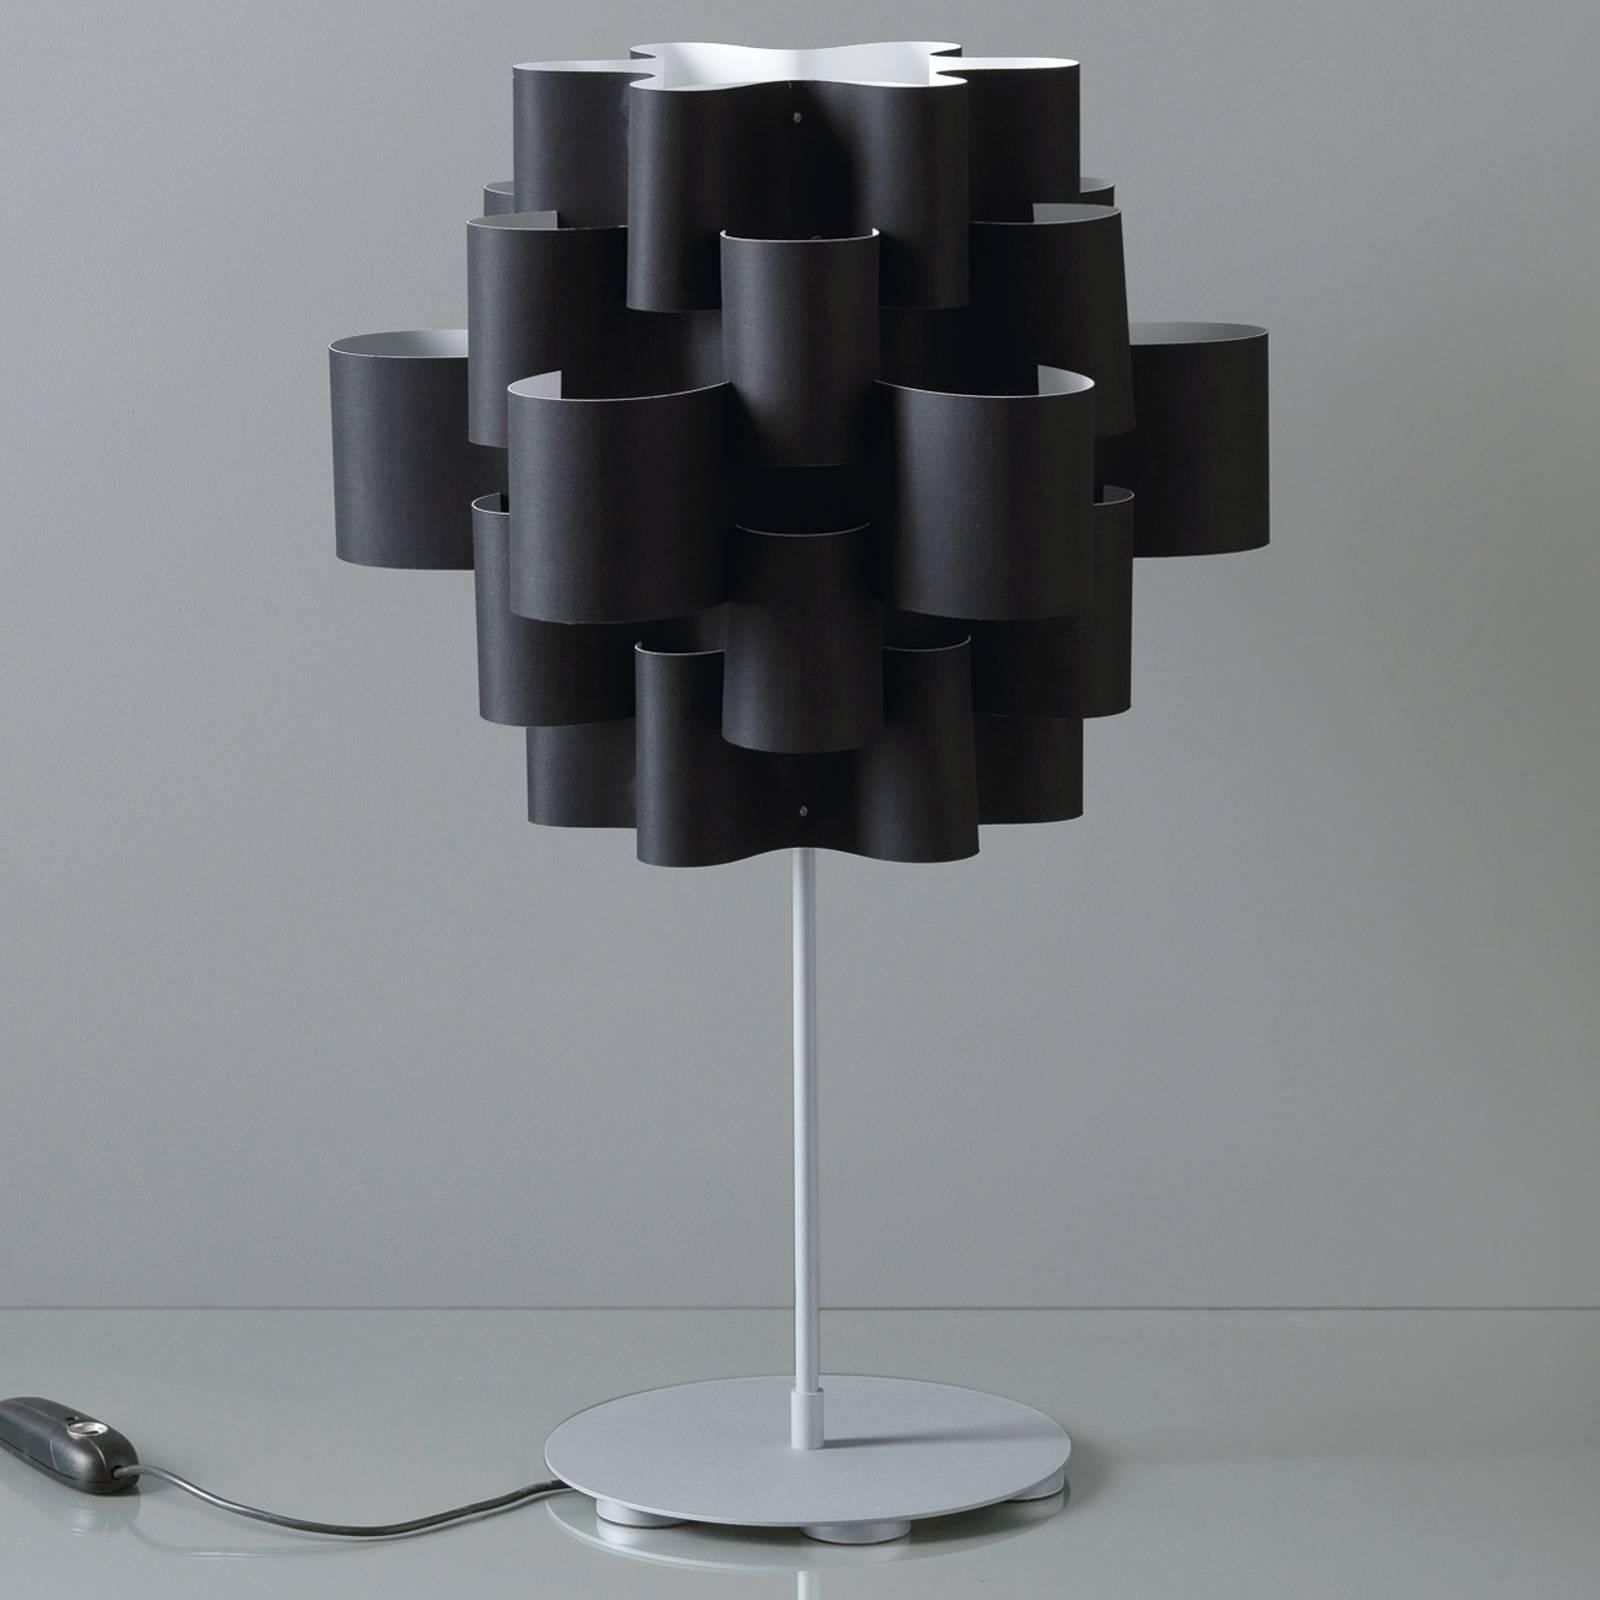 Design-pöytävalaisin Sun, musta